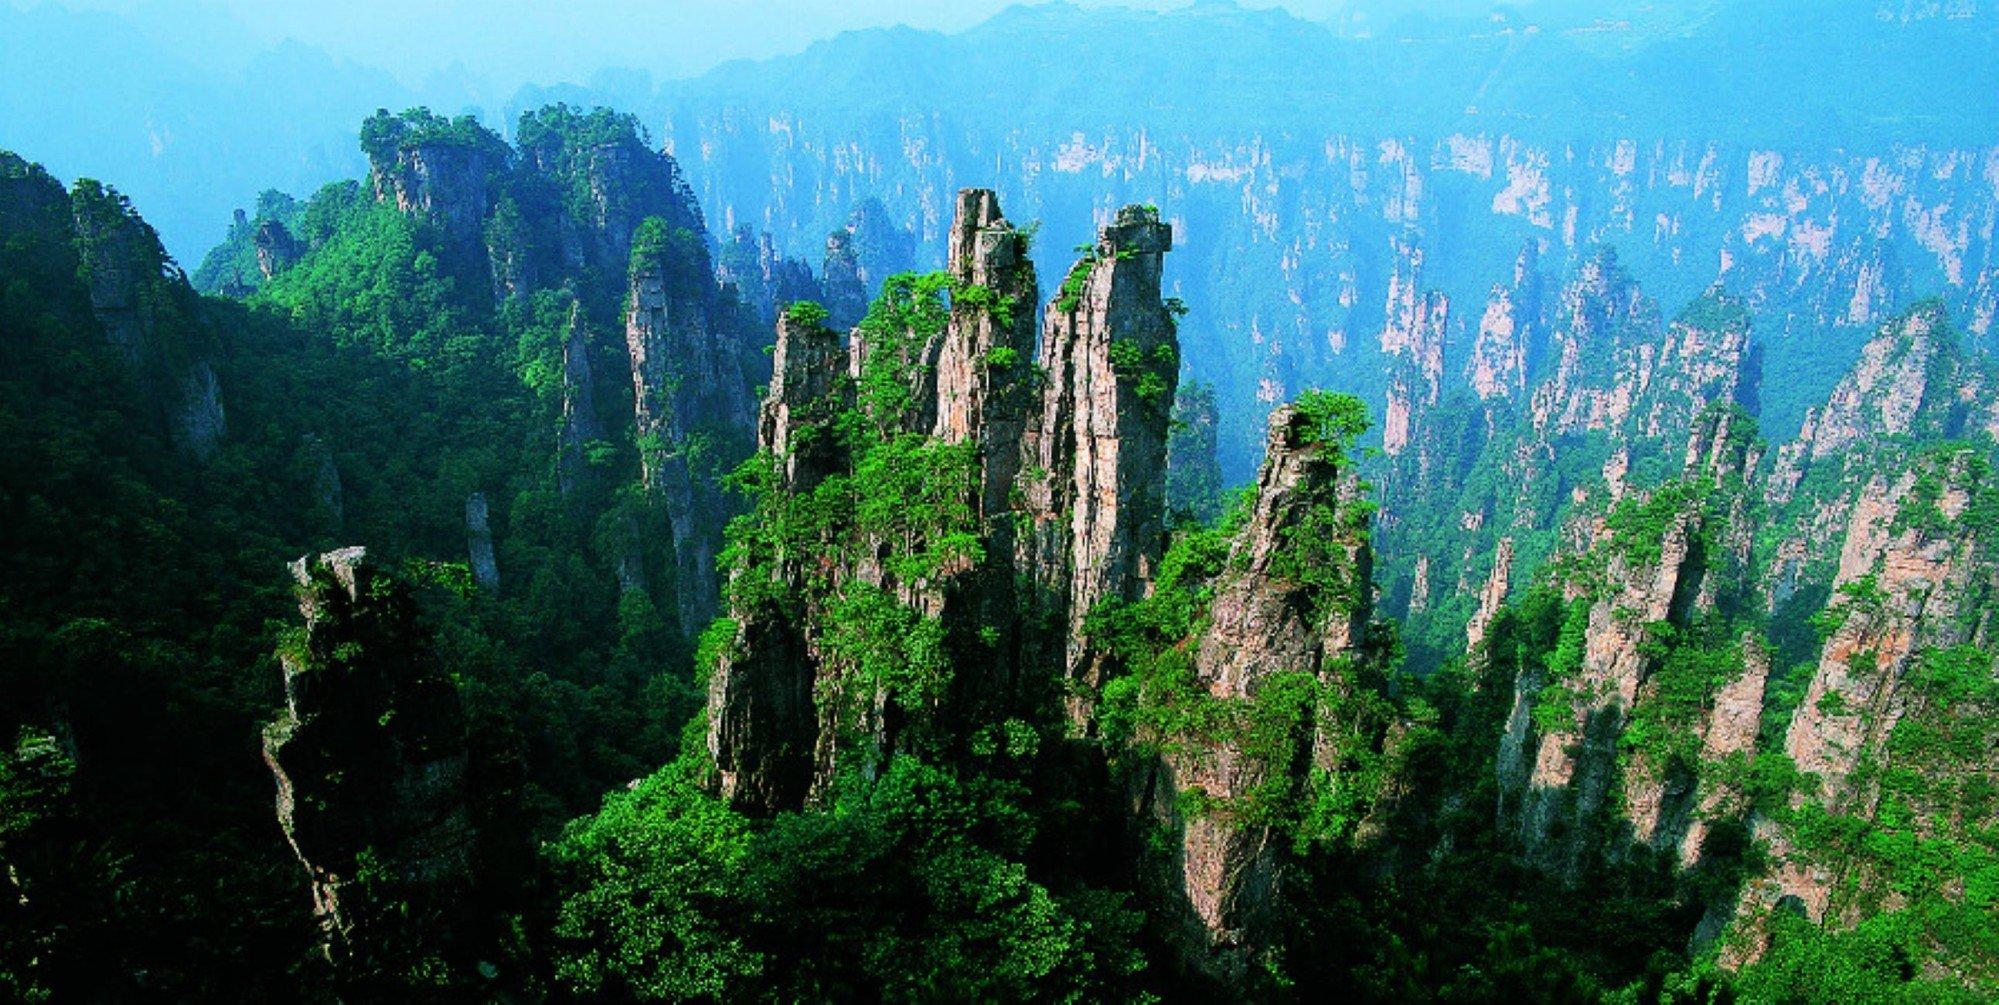 Захватывающие фото парка Чжанцзяцзе